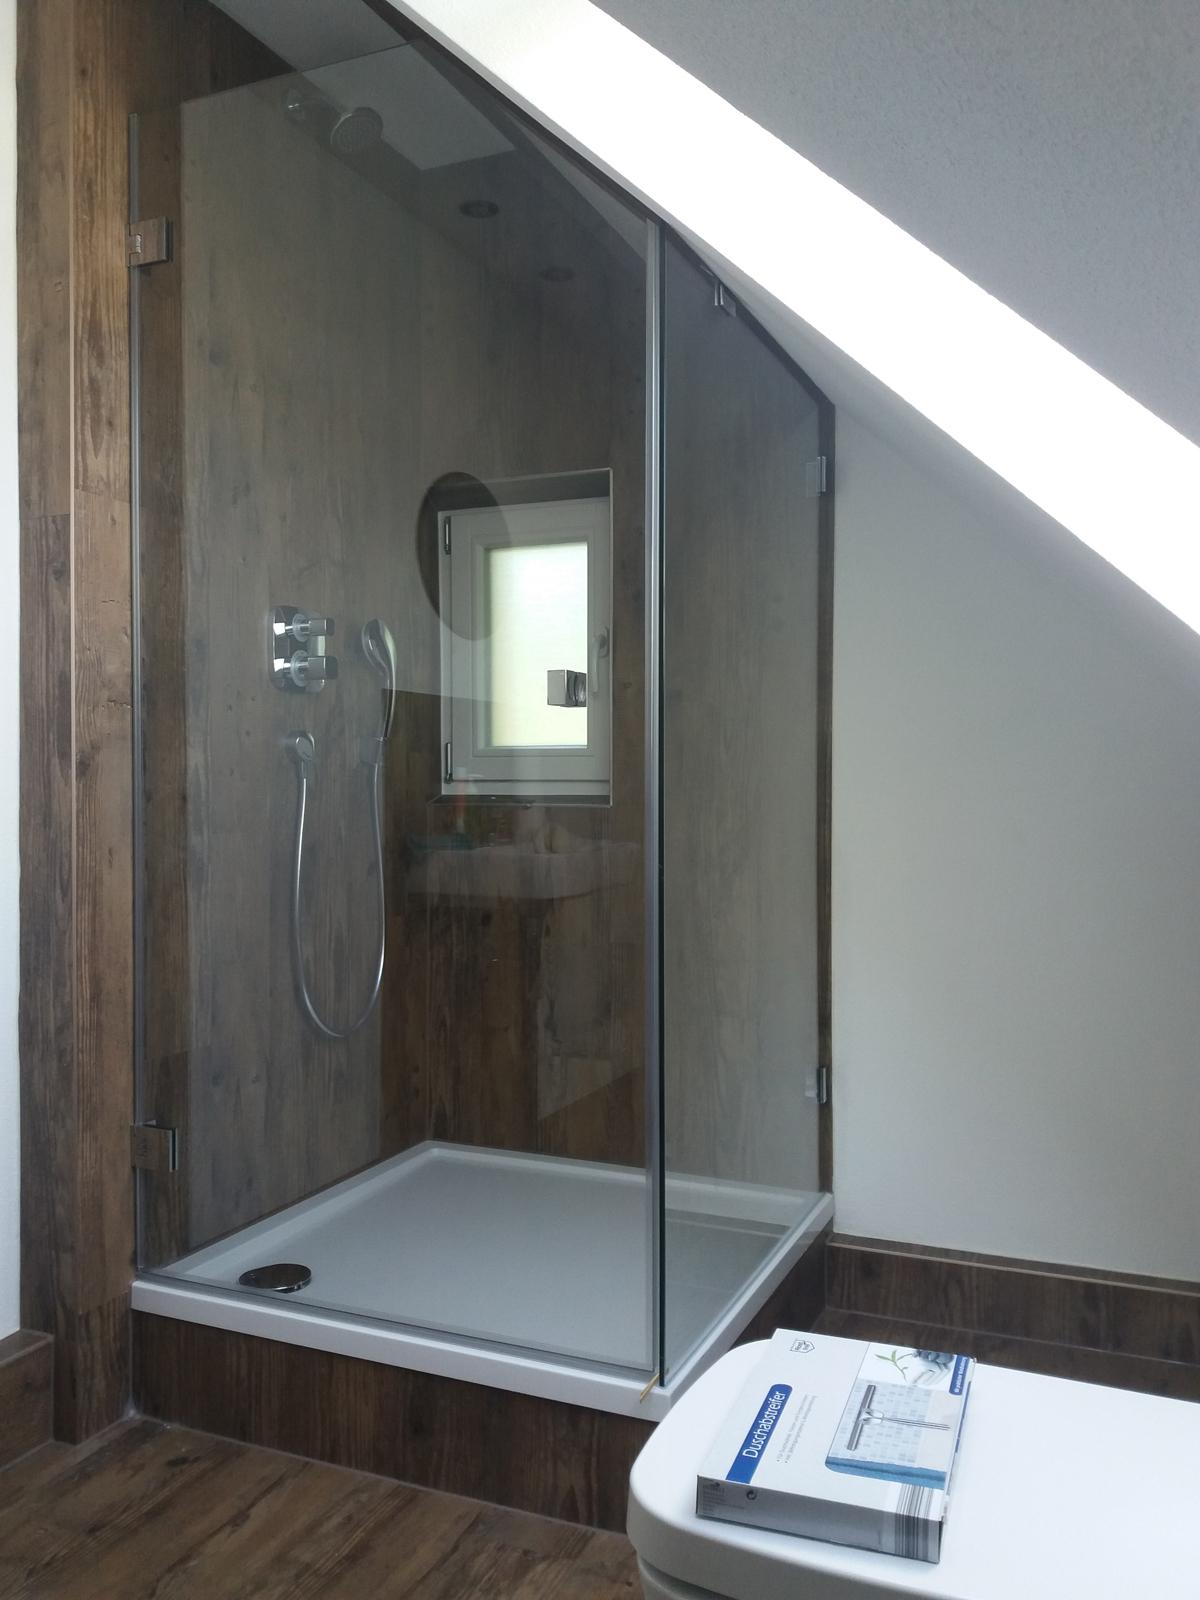 Sonderlösungen, Duschabtrennung Dachgeschoss, Duschabtrennung